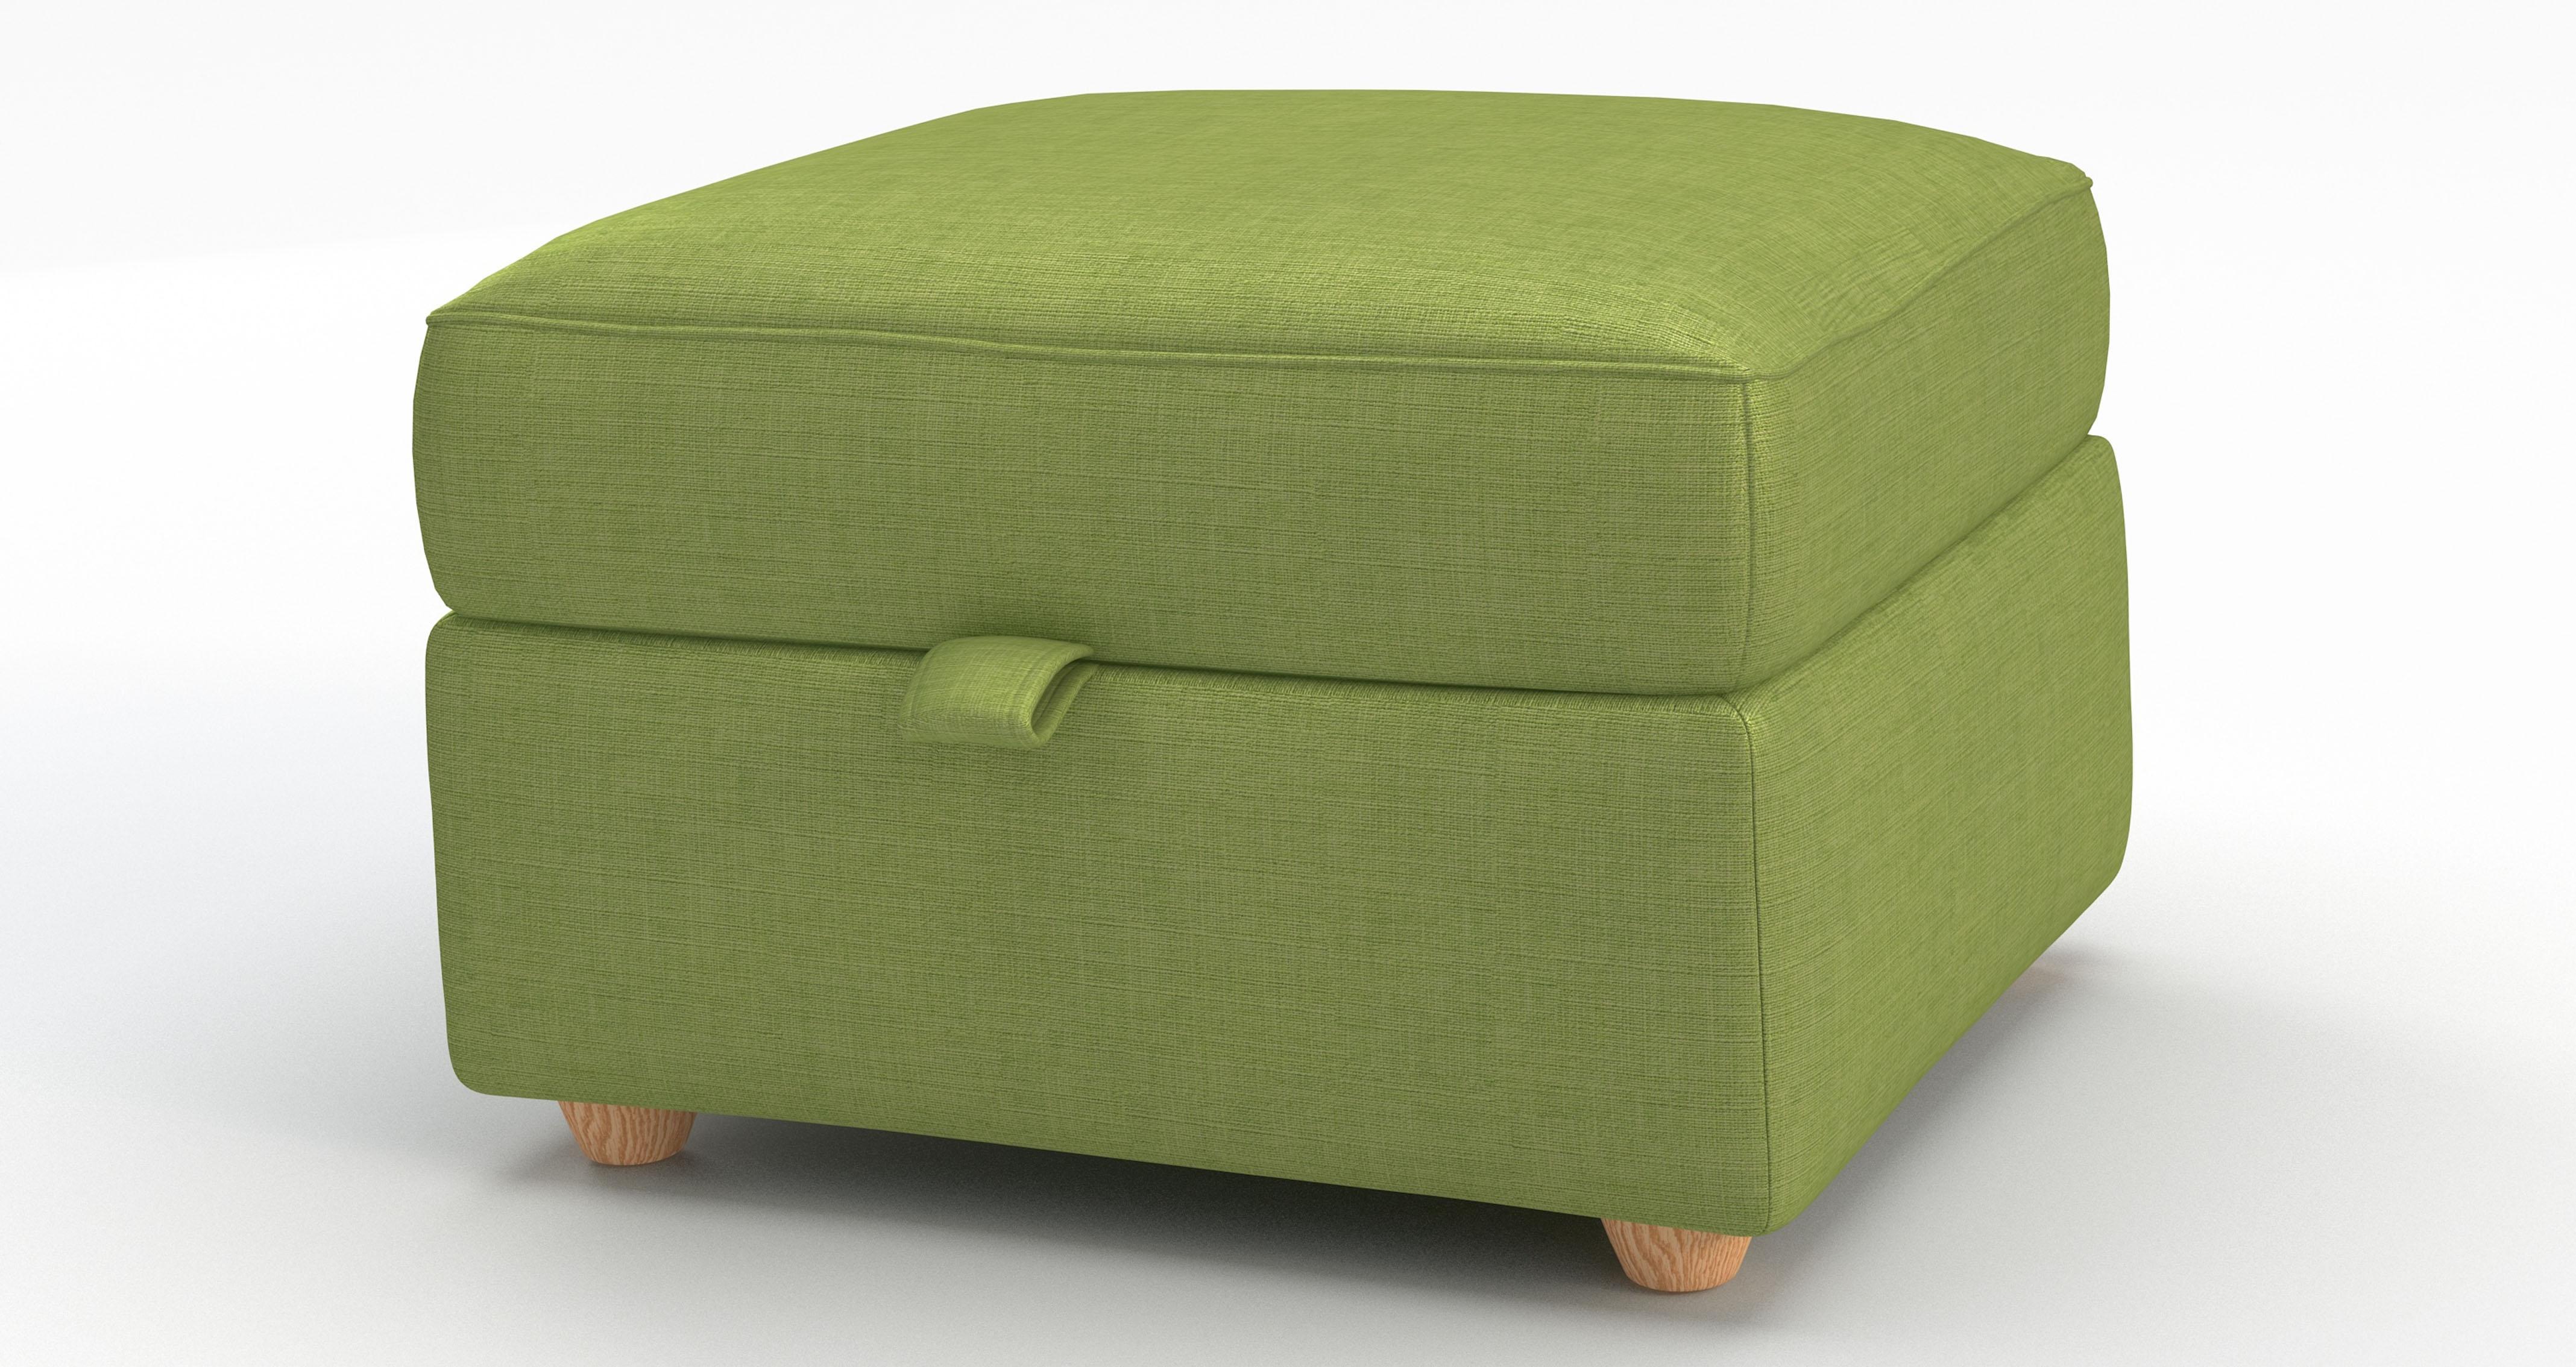 High Quality Dfs 2 Seater Fabric Sofas You Sofa Inpiration